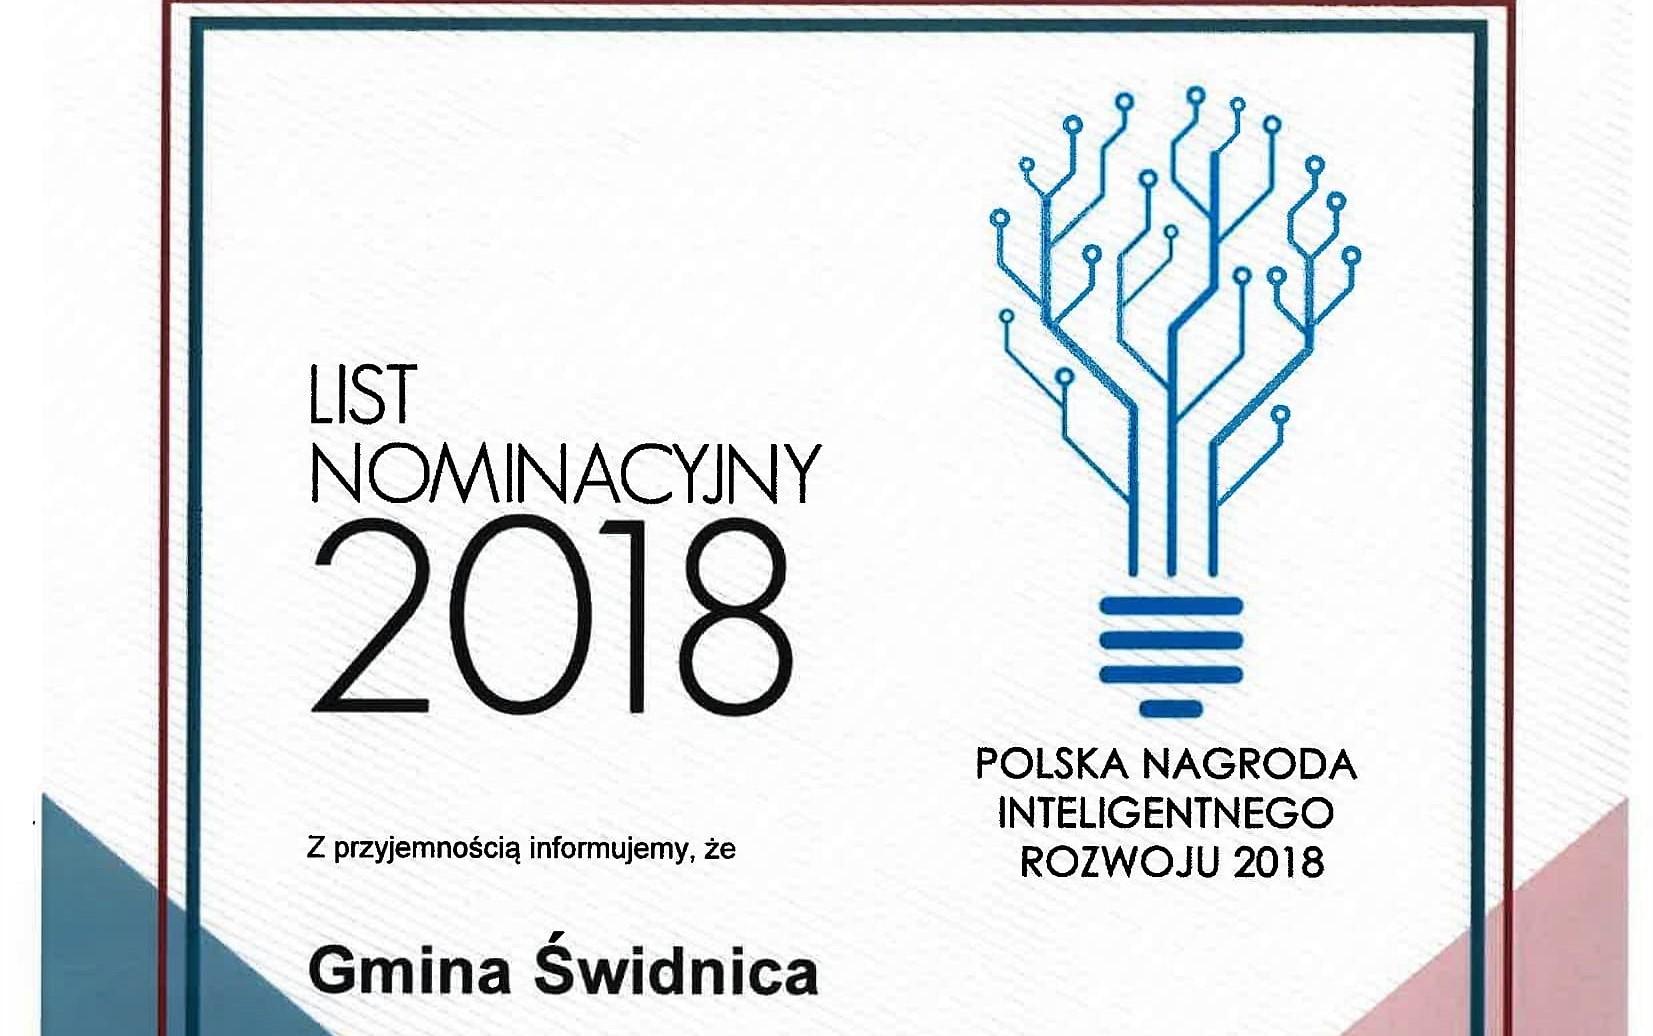 Ilustracja do informacji: Nominacje do Polskiej Nagrody Inteligentnego Rozwoju 2018 dla Gminy Świdnica i Wójta